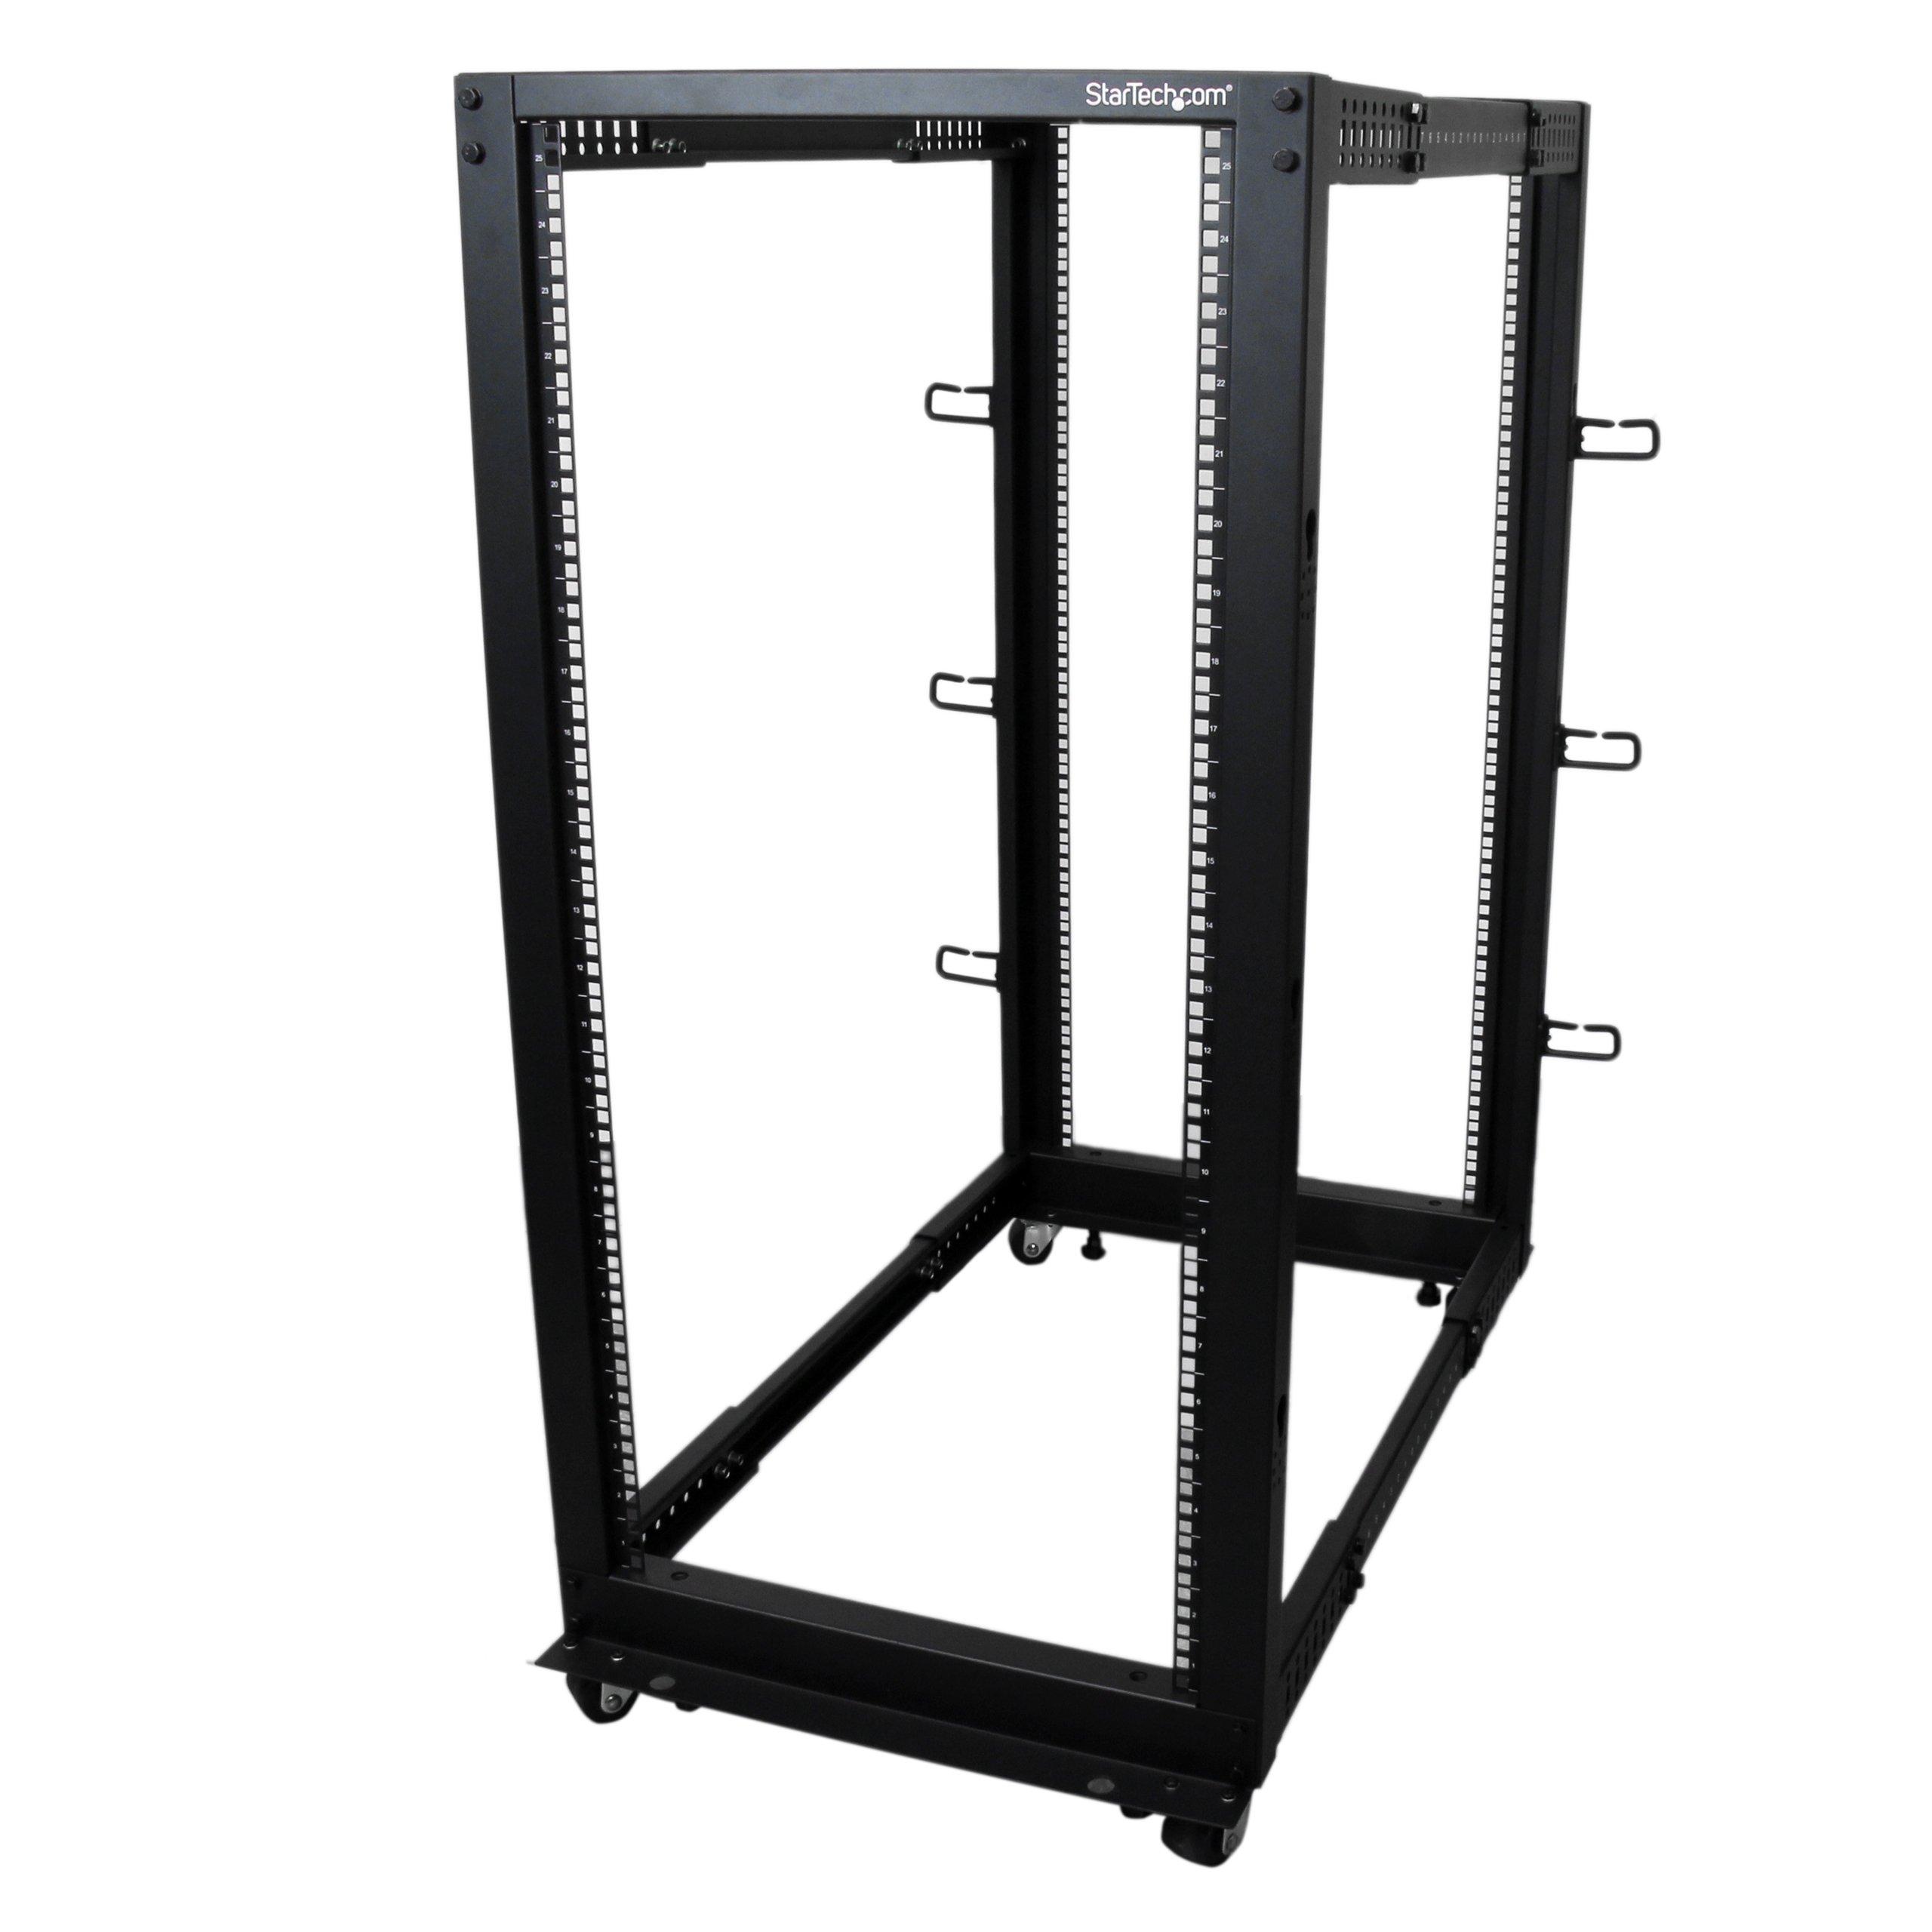 StarTech.com 25U Open Frame Server Rack - Adjustable Depth - 4-Post Data Rack - w/Casters/Levelers/Cable Management Hooks (4POSTRACK25U) by StarTech